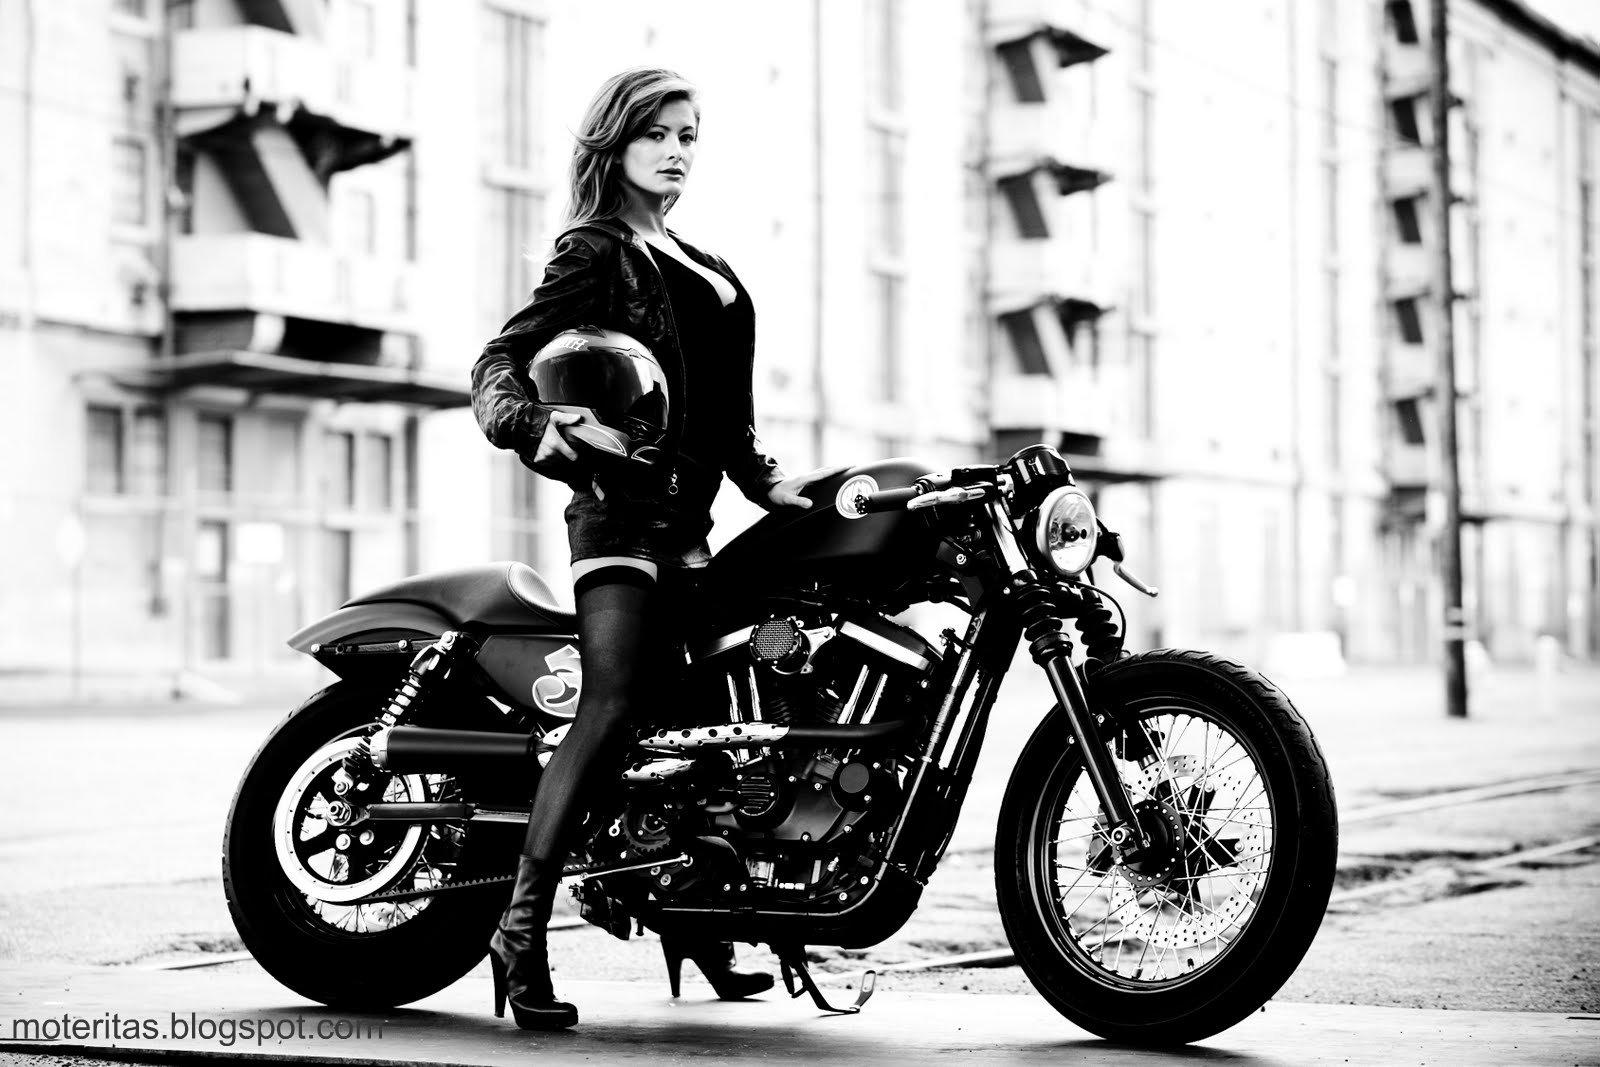 Шикарная девушка на мотоцикле 2 фотография